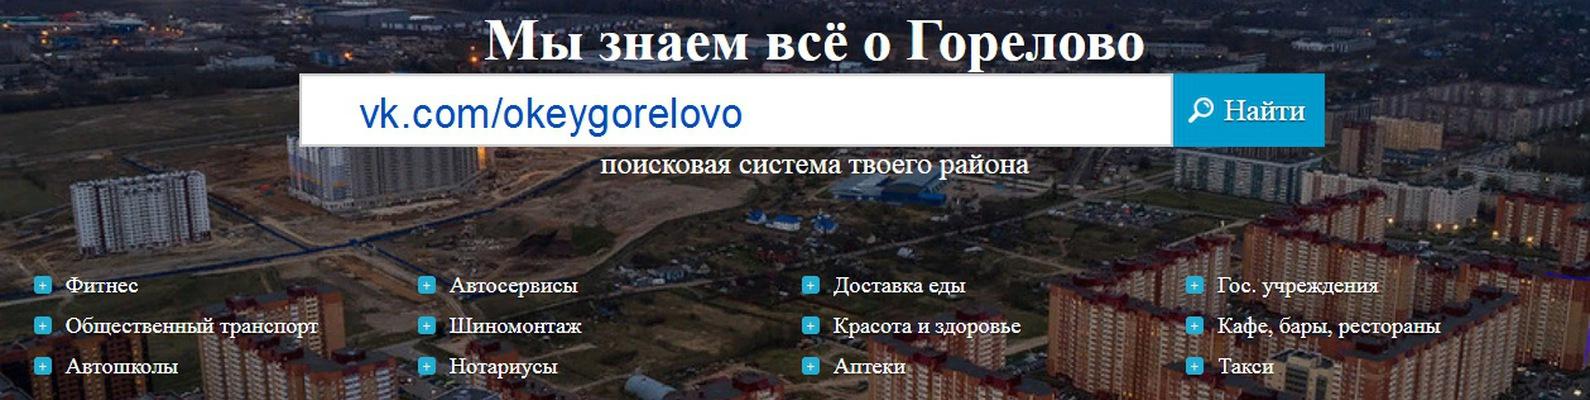 Индивидуалки в Санкт-Петербурге гидрометцентра шлюхи с выездом Кушелевская дорога